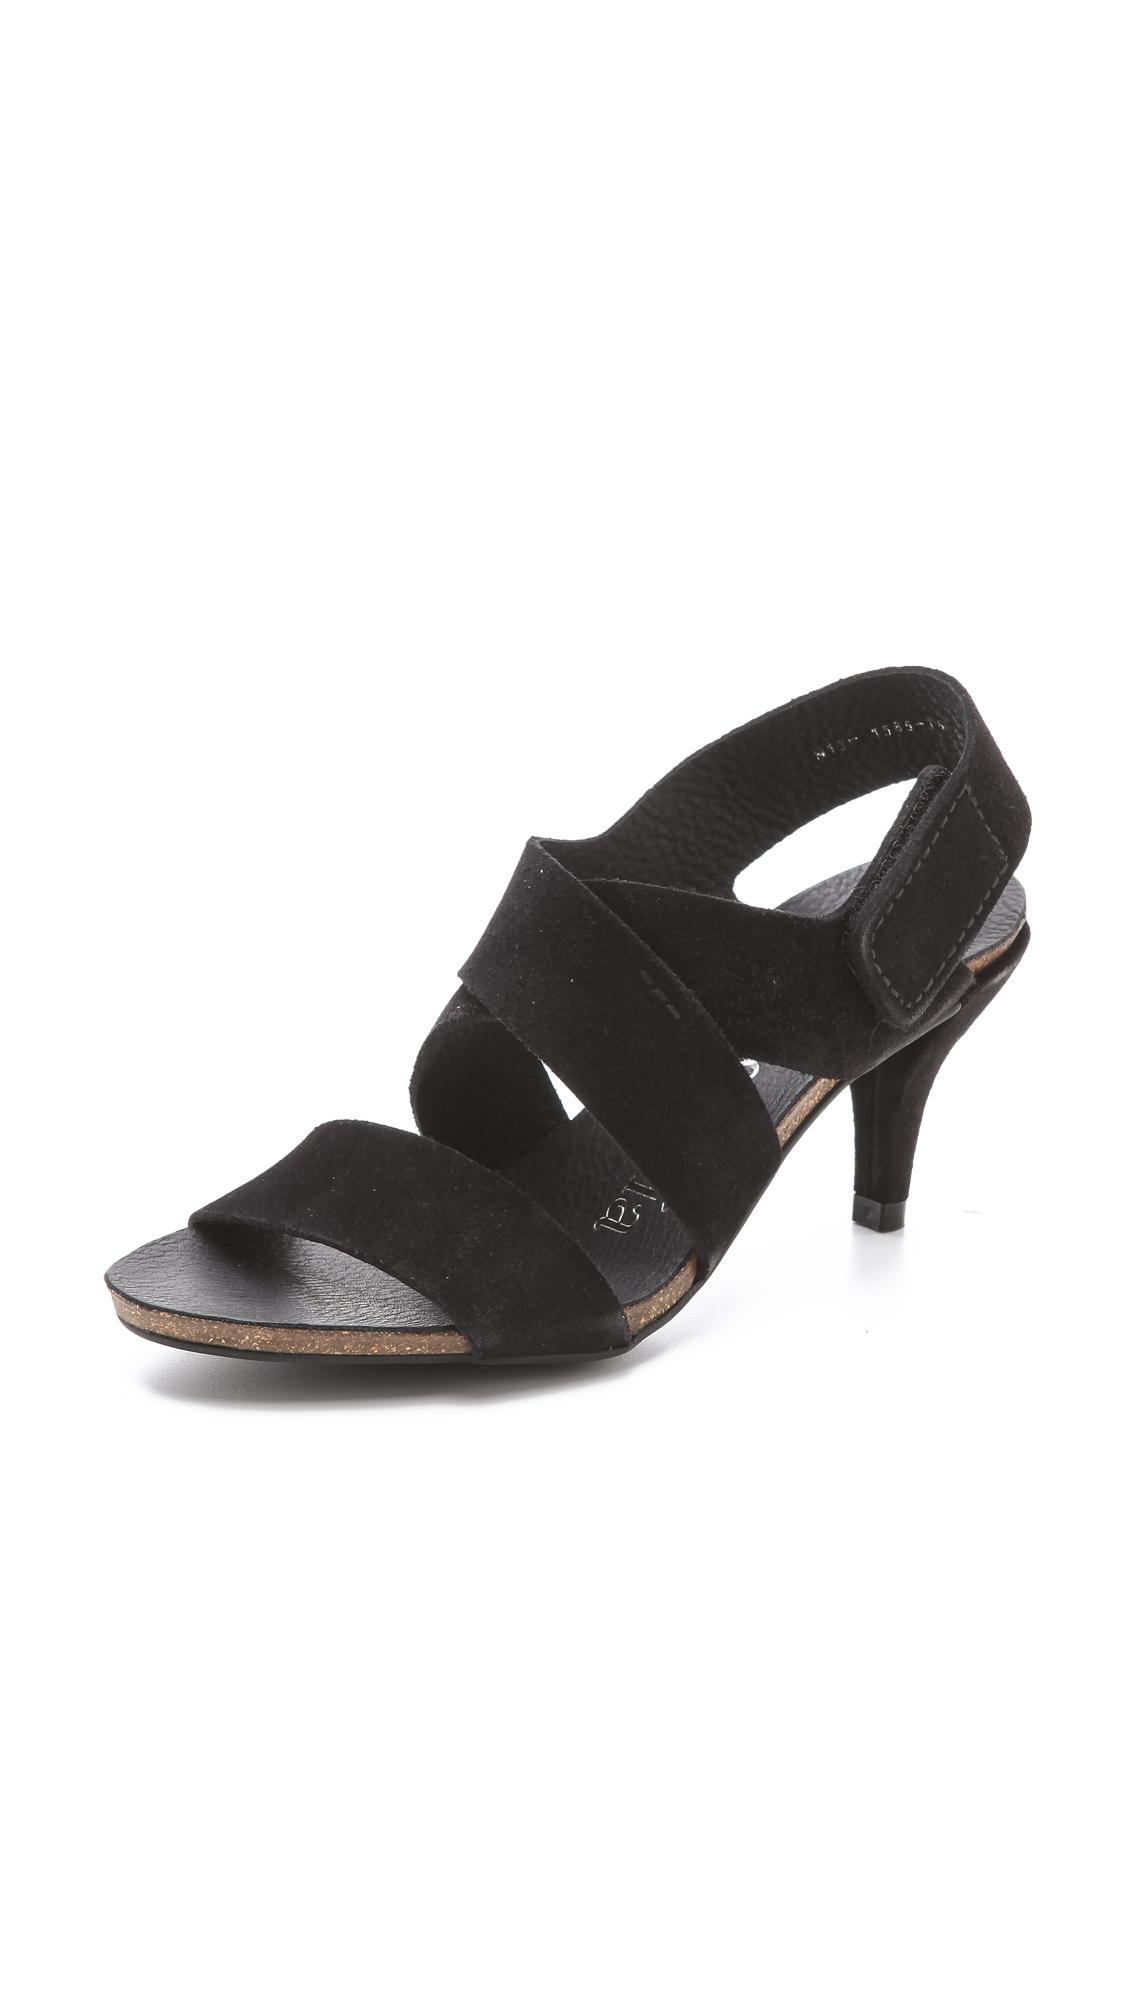 Pedro Garcia Willow Low Heel Sandals - Black